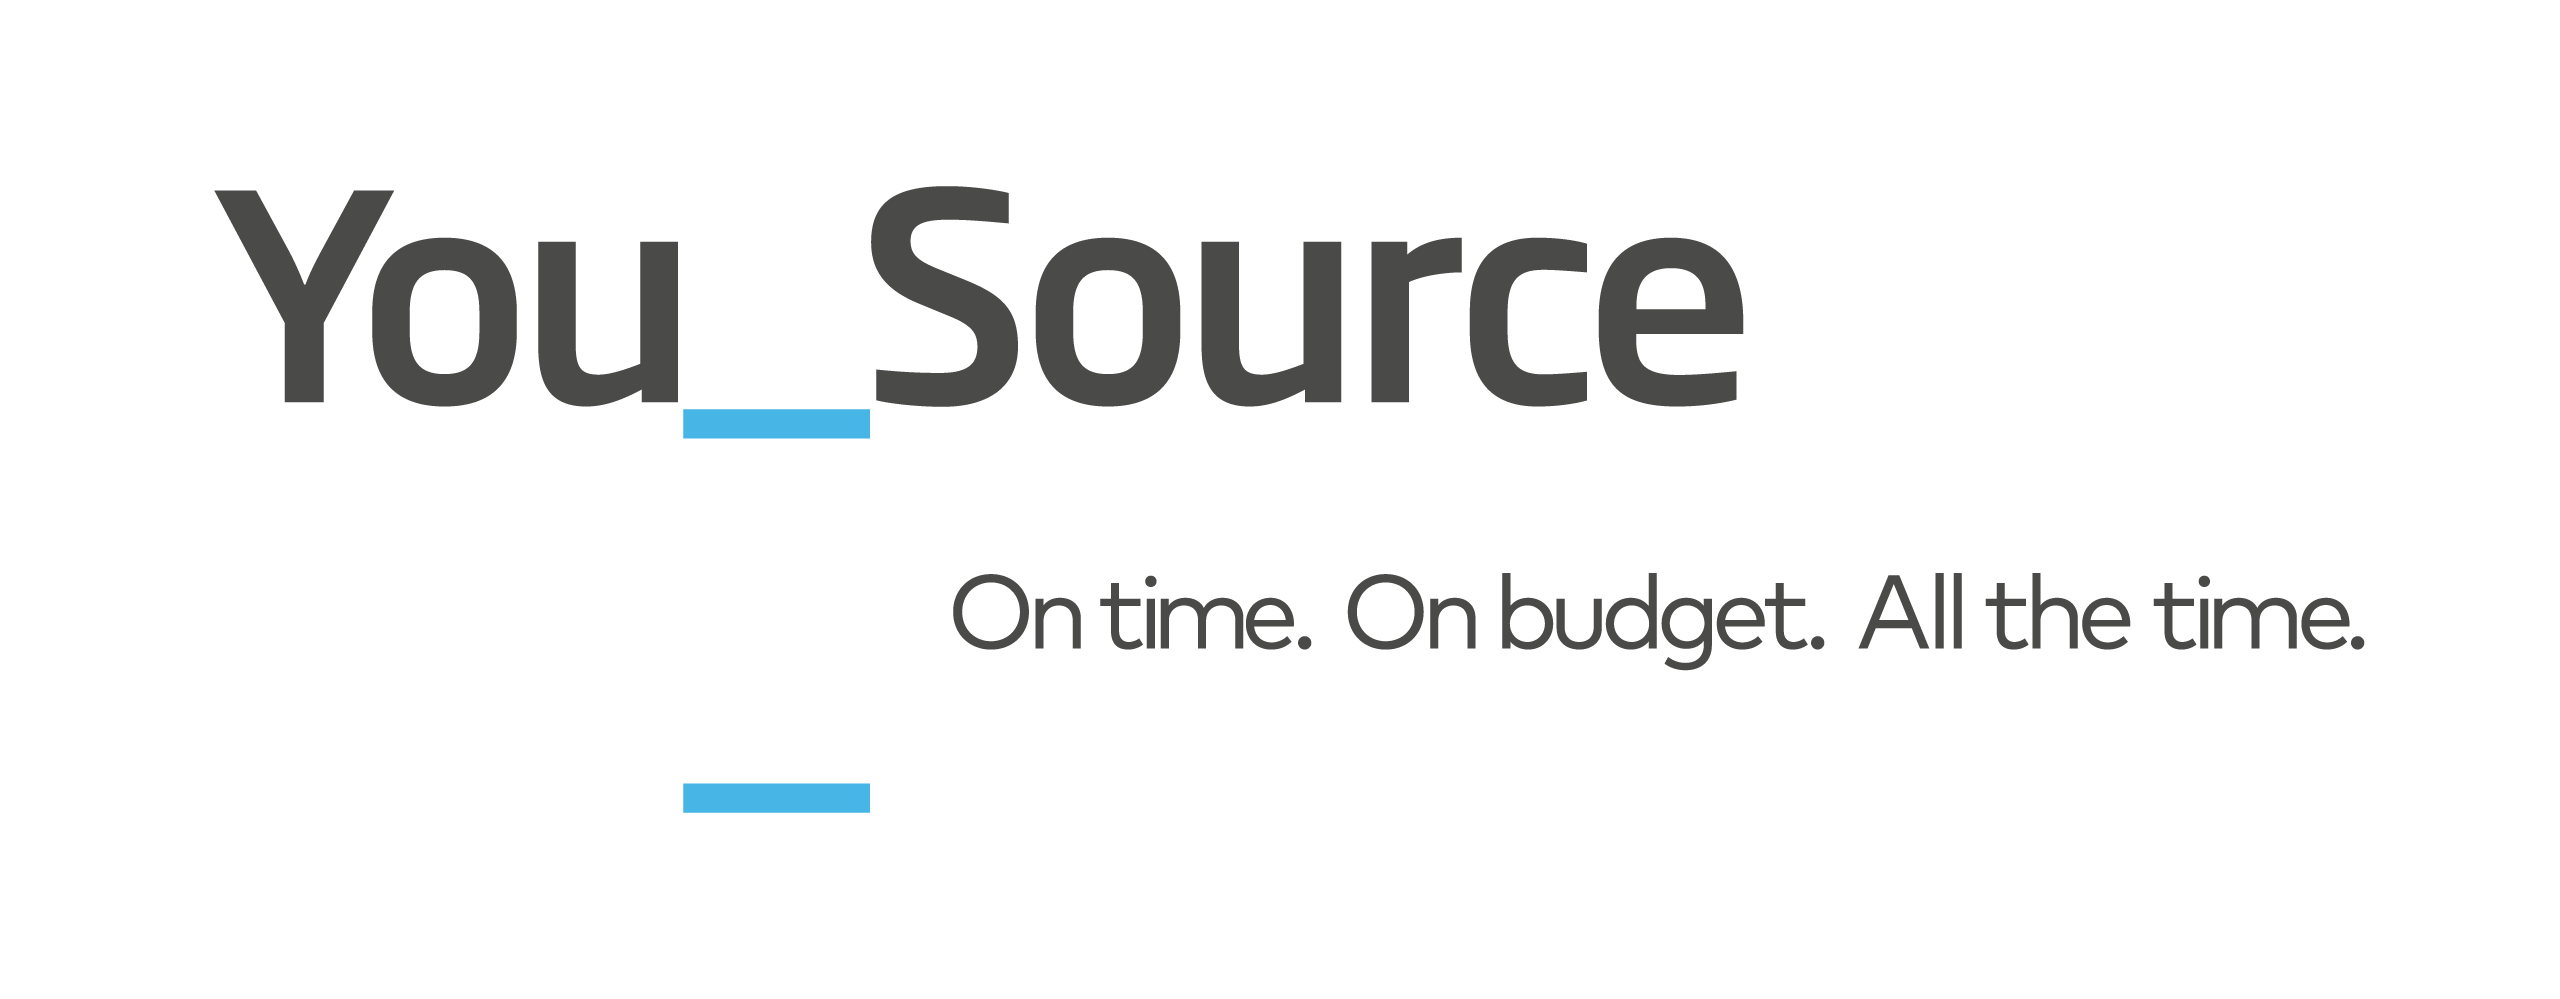 YouSource Inc.